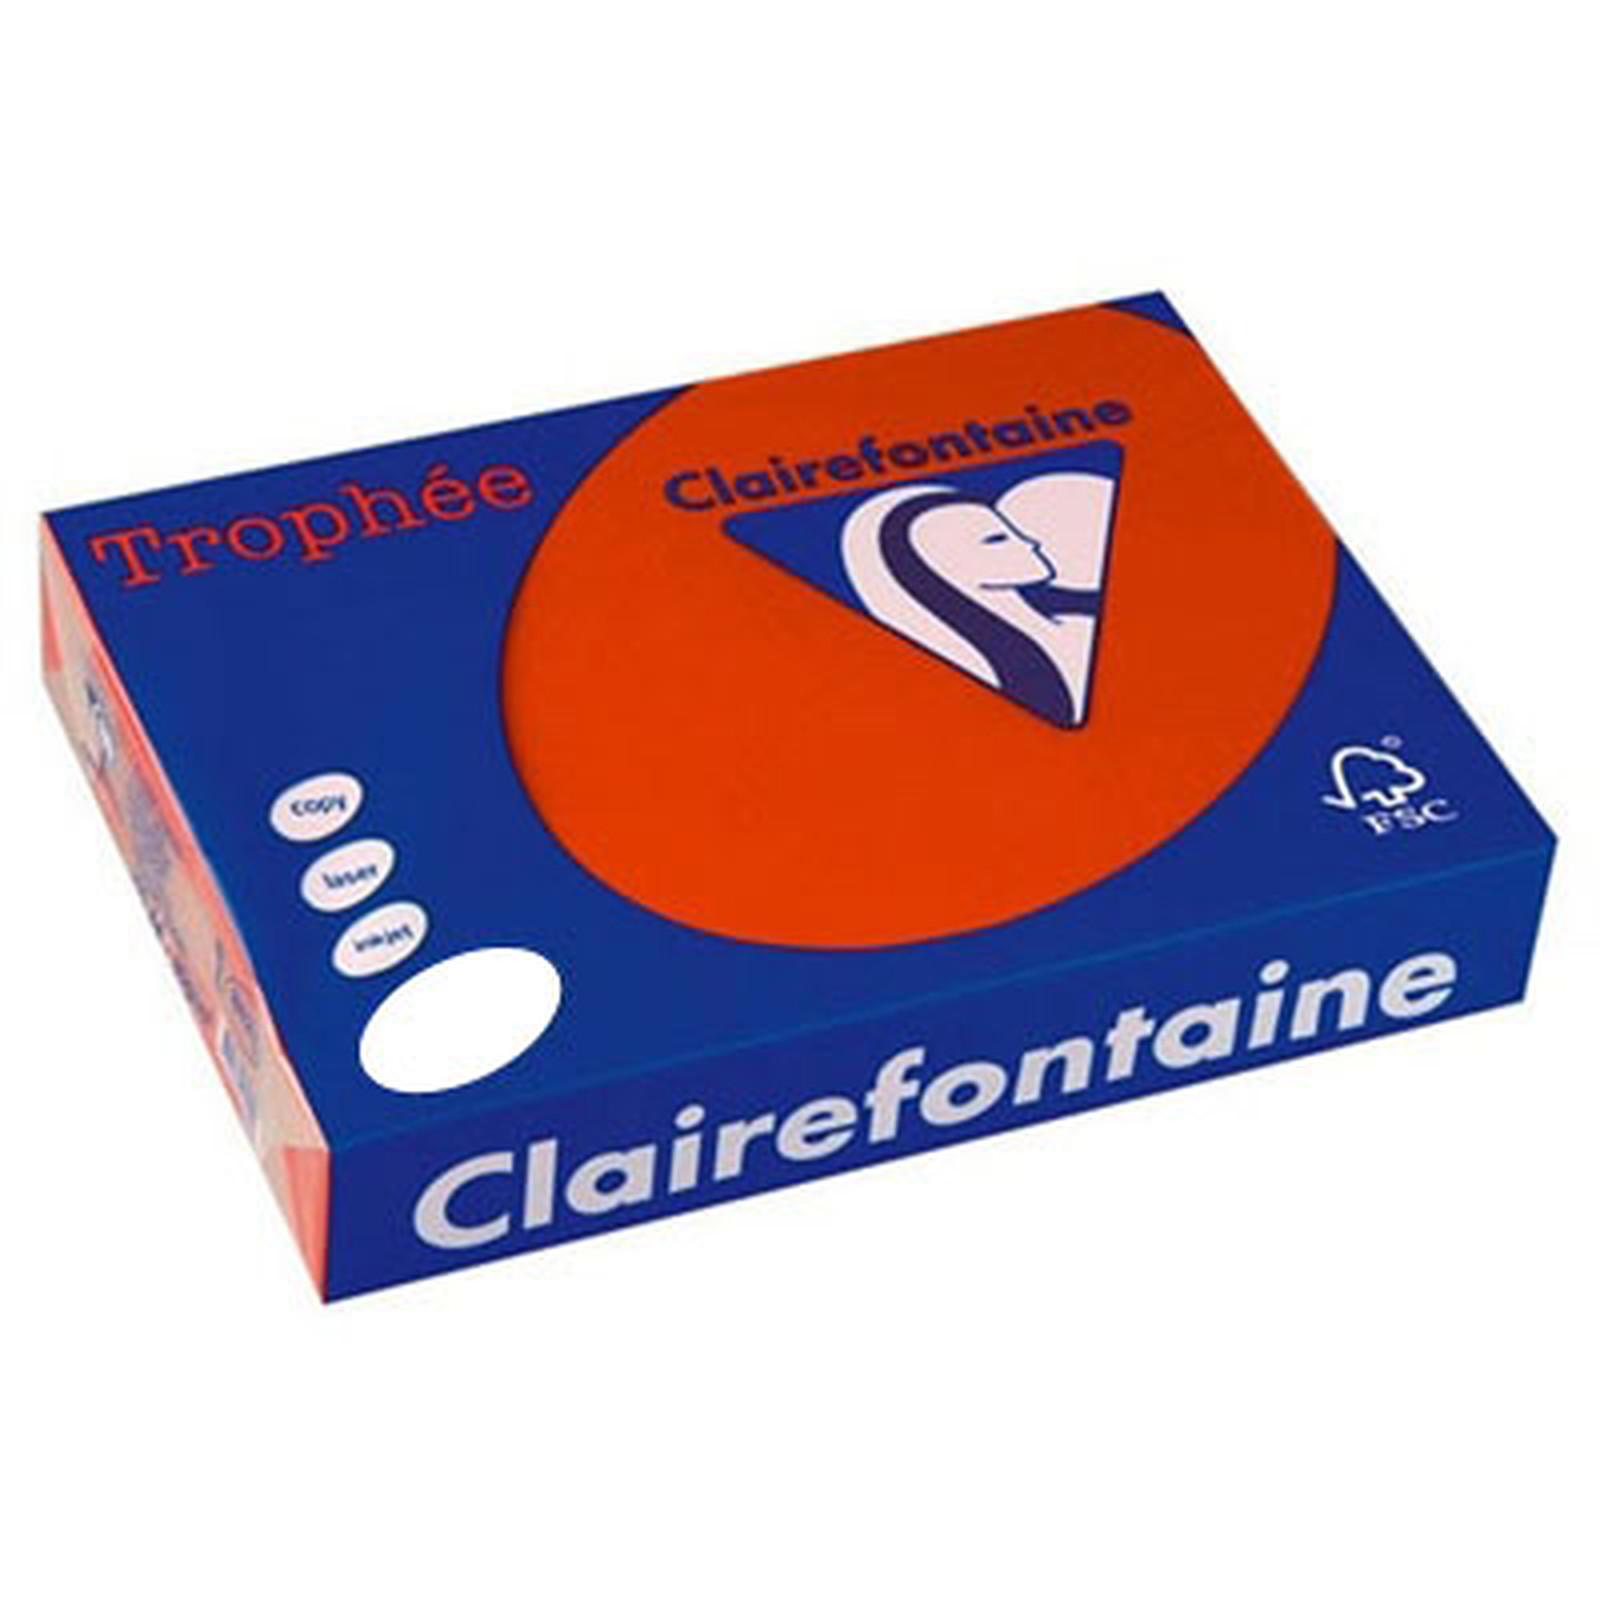 Clairefontaine Trophée Ramette de papier 250 feuilles A4 160g Groseille